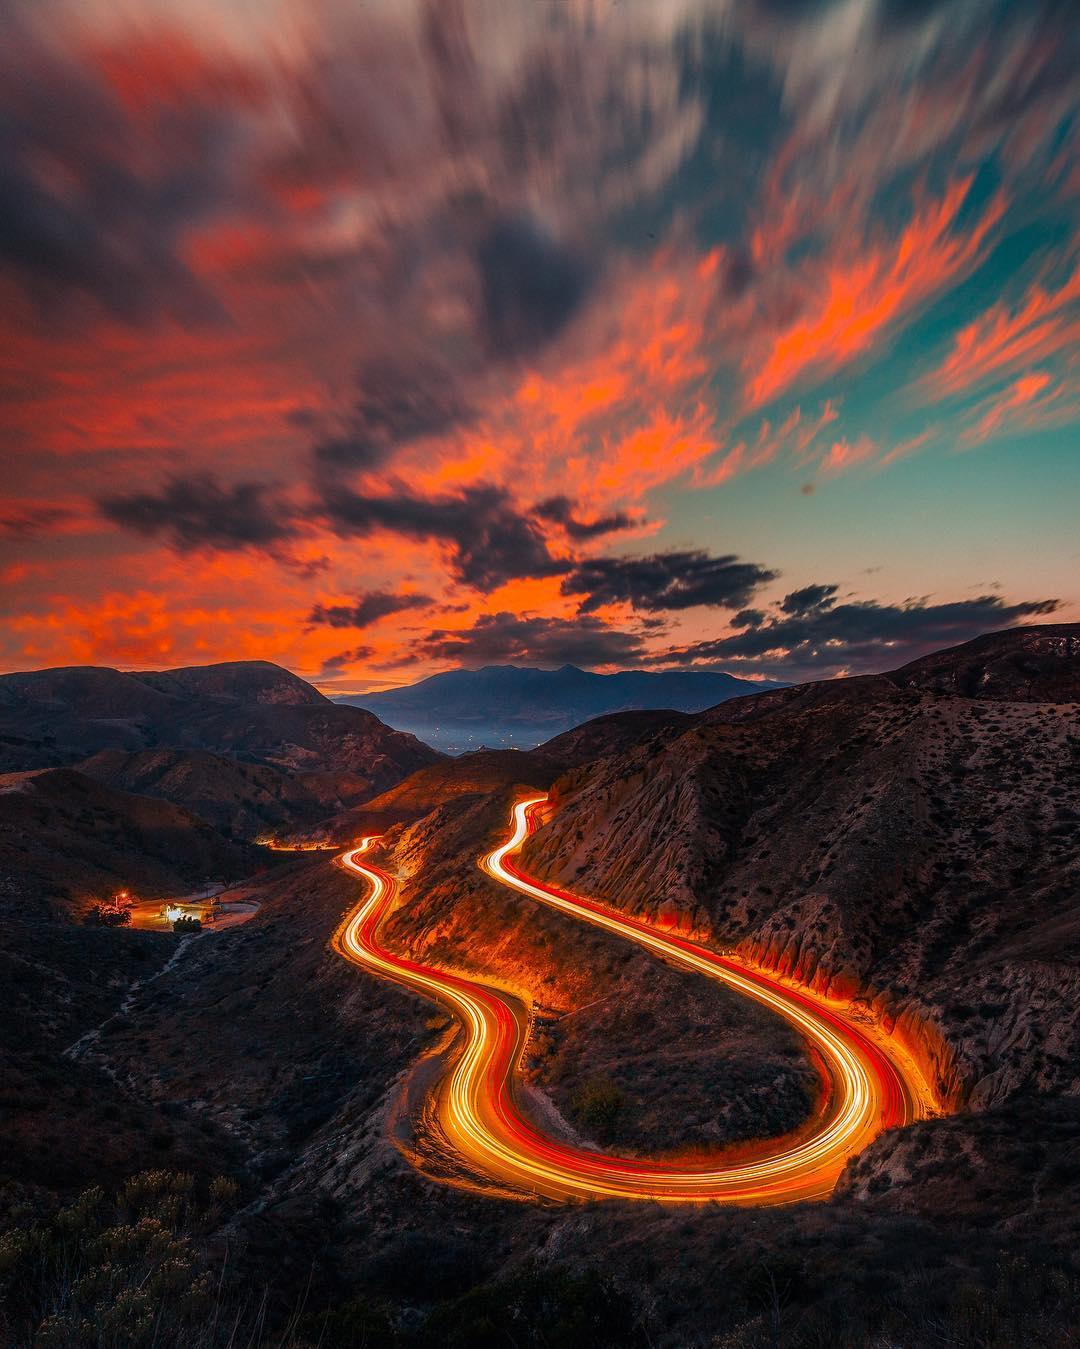 Gli incredibili paesaggi aerei del fotografo Niaz Uddin | Collater.al 6